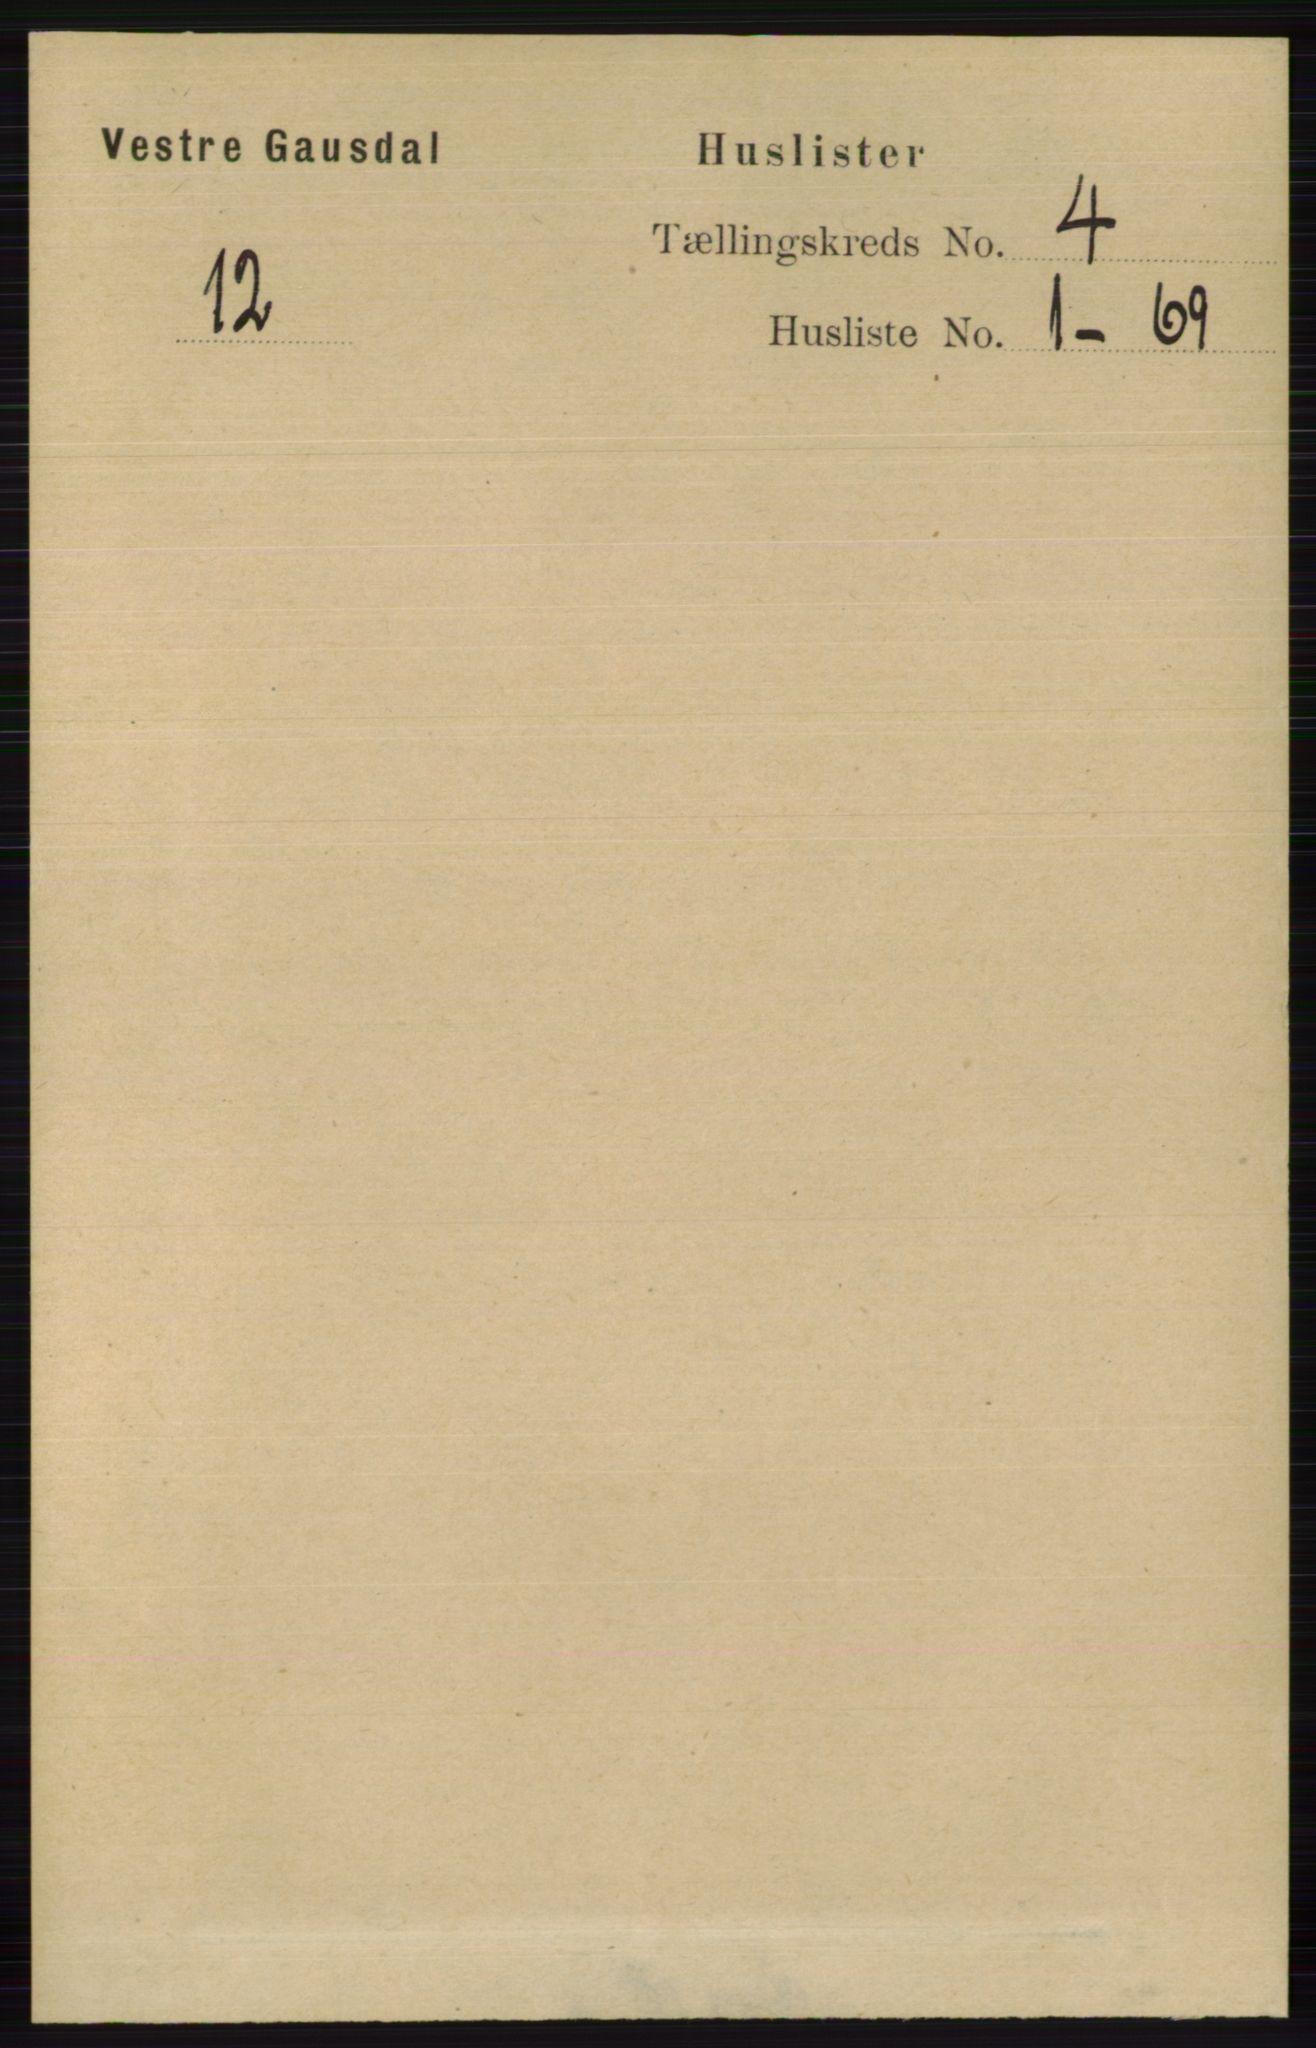 RA, Folketelling 1891 for 0523 Vestre Gausdal herred, 1891, s. 1639